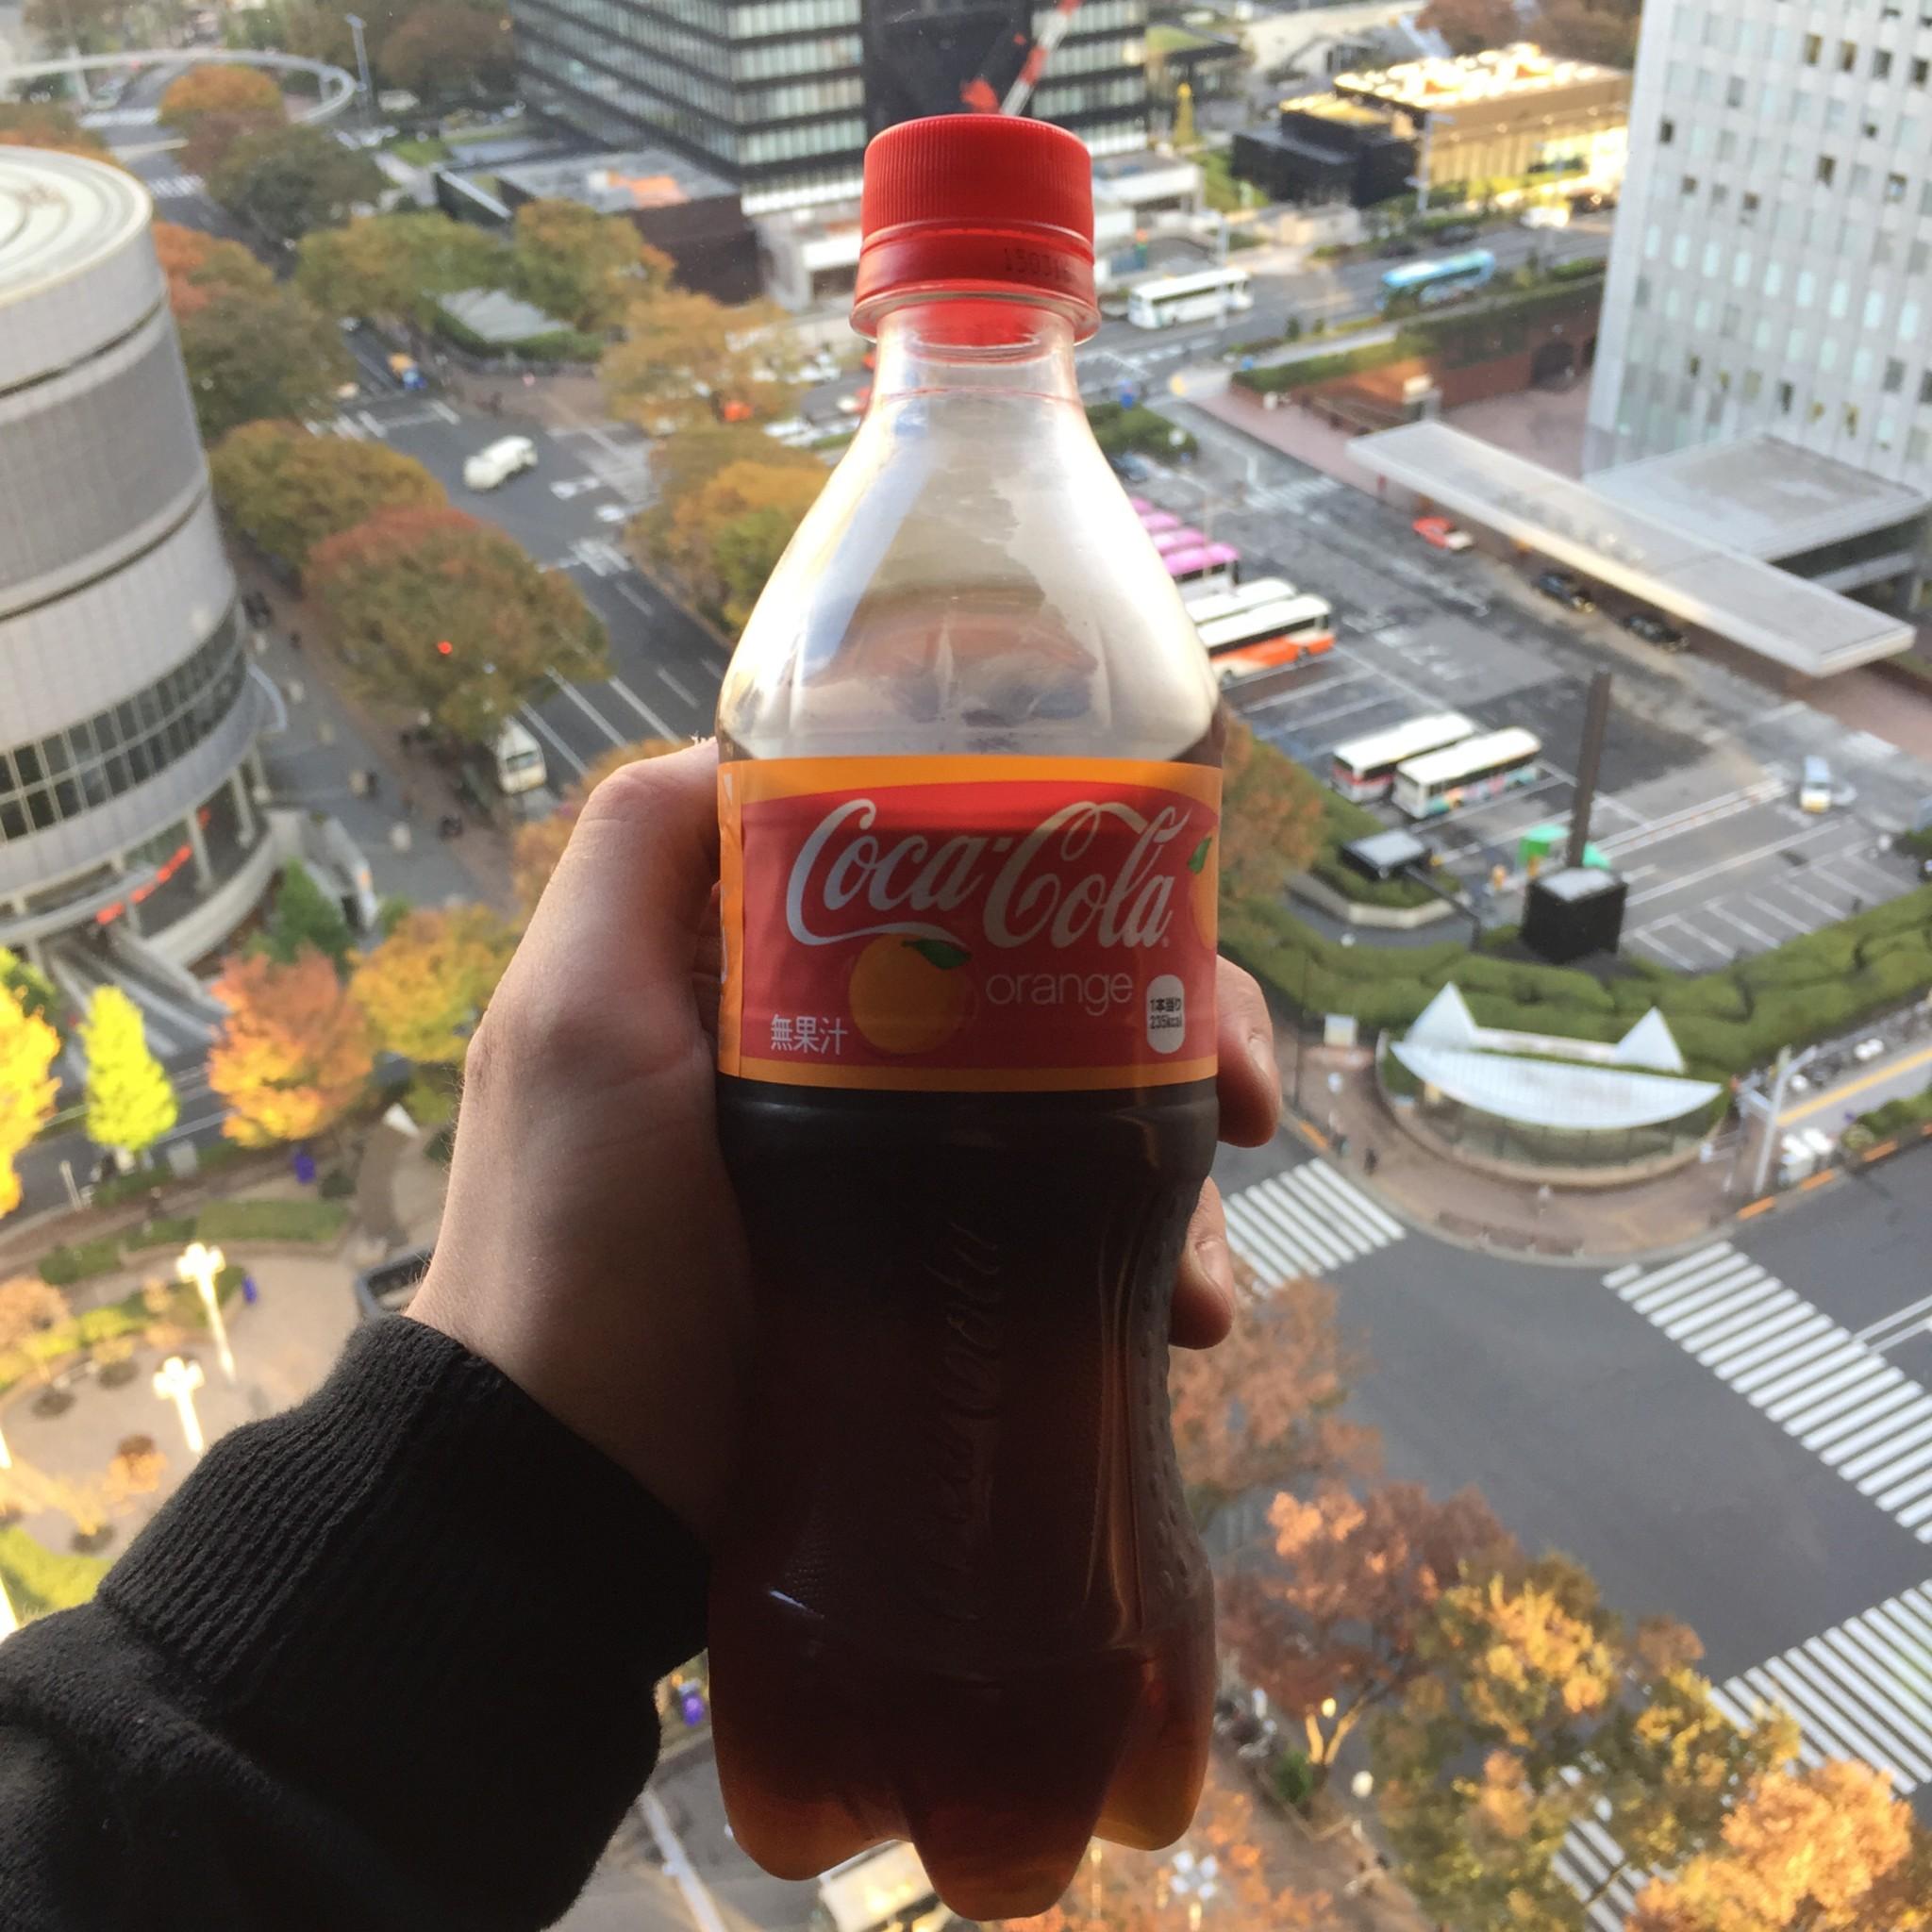 Coca Cola Orange